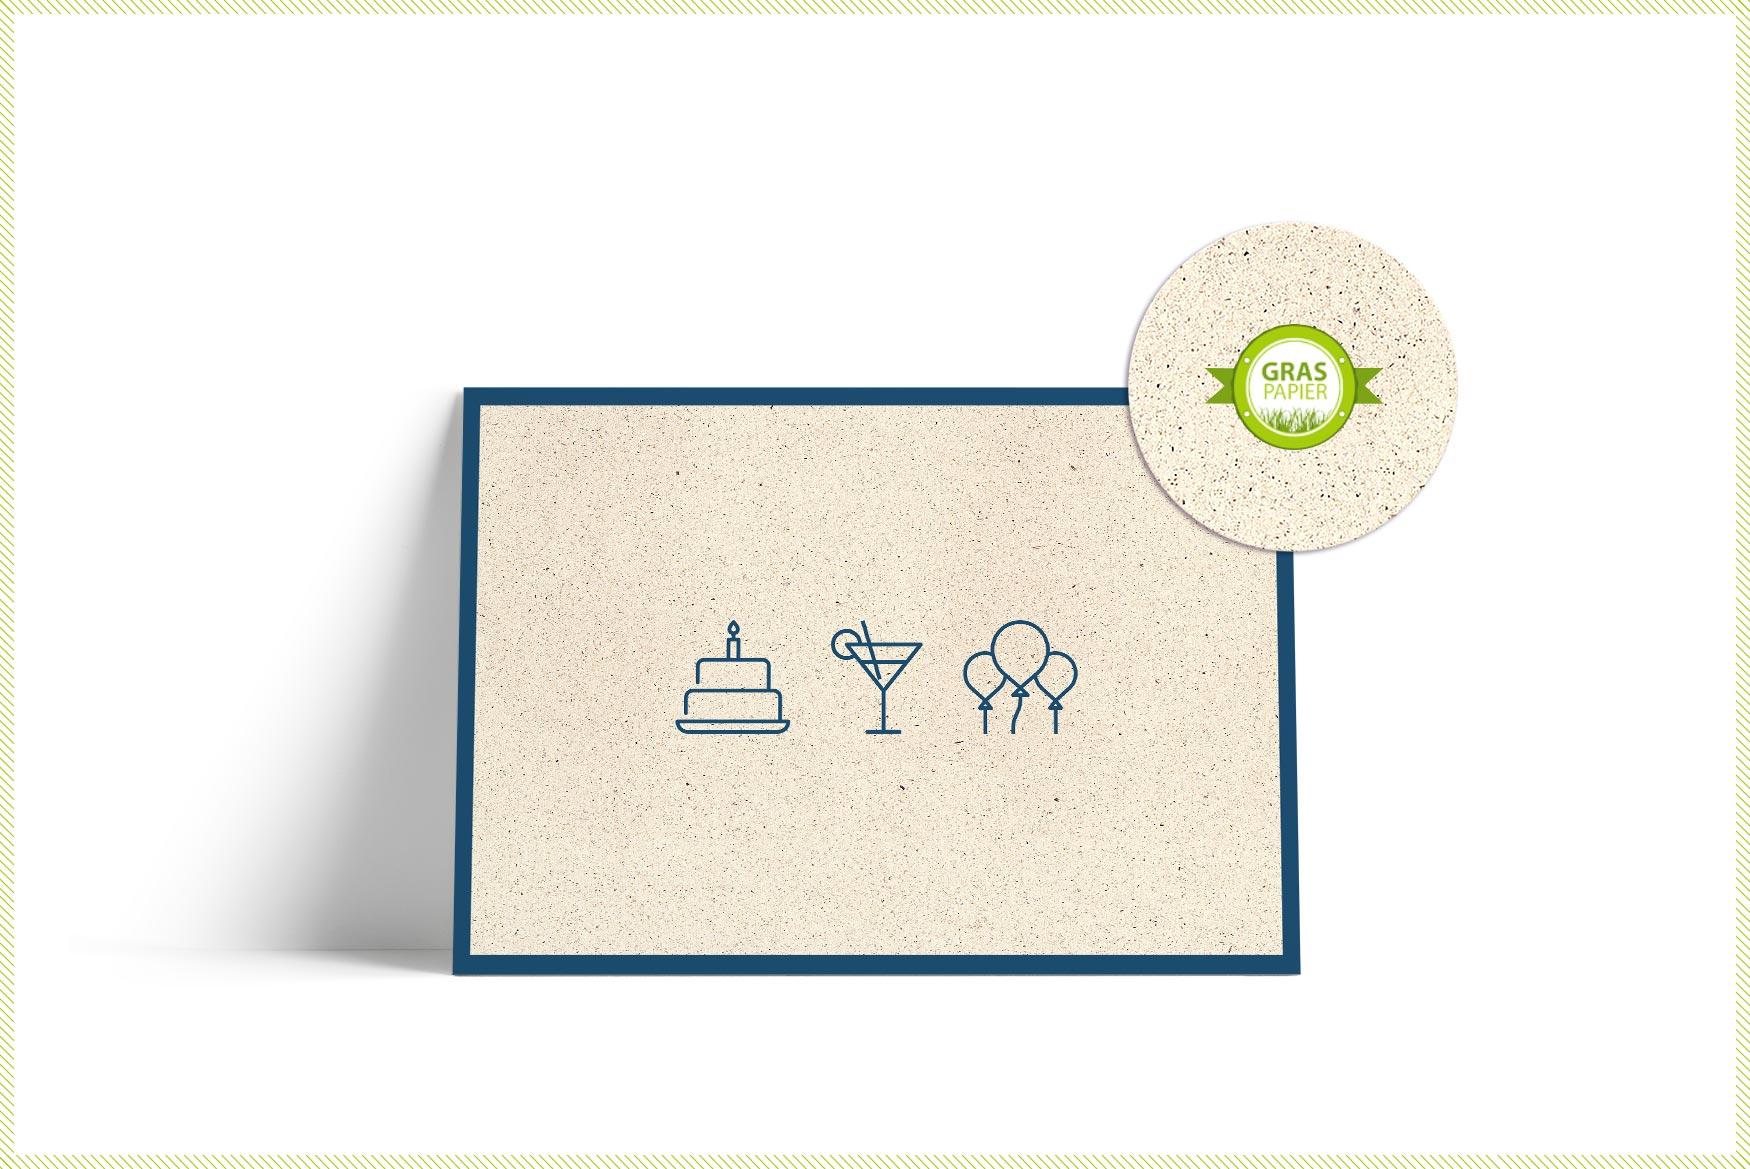 Postkarte-Design-TRUMPF-2-Designagentur-Stuttgart-Kreativbetrieb